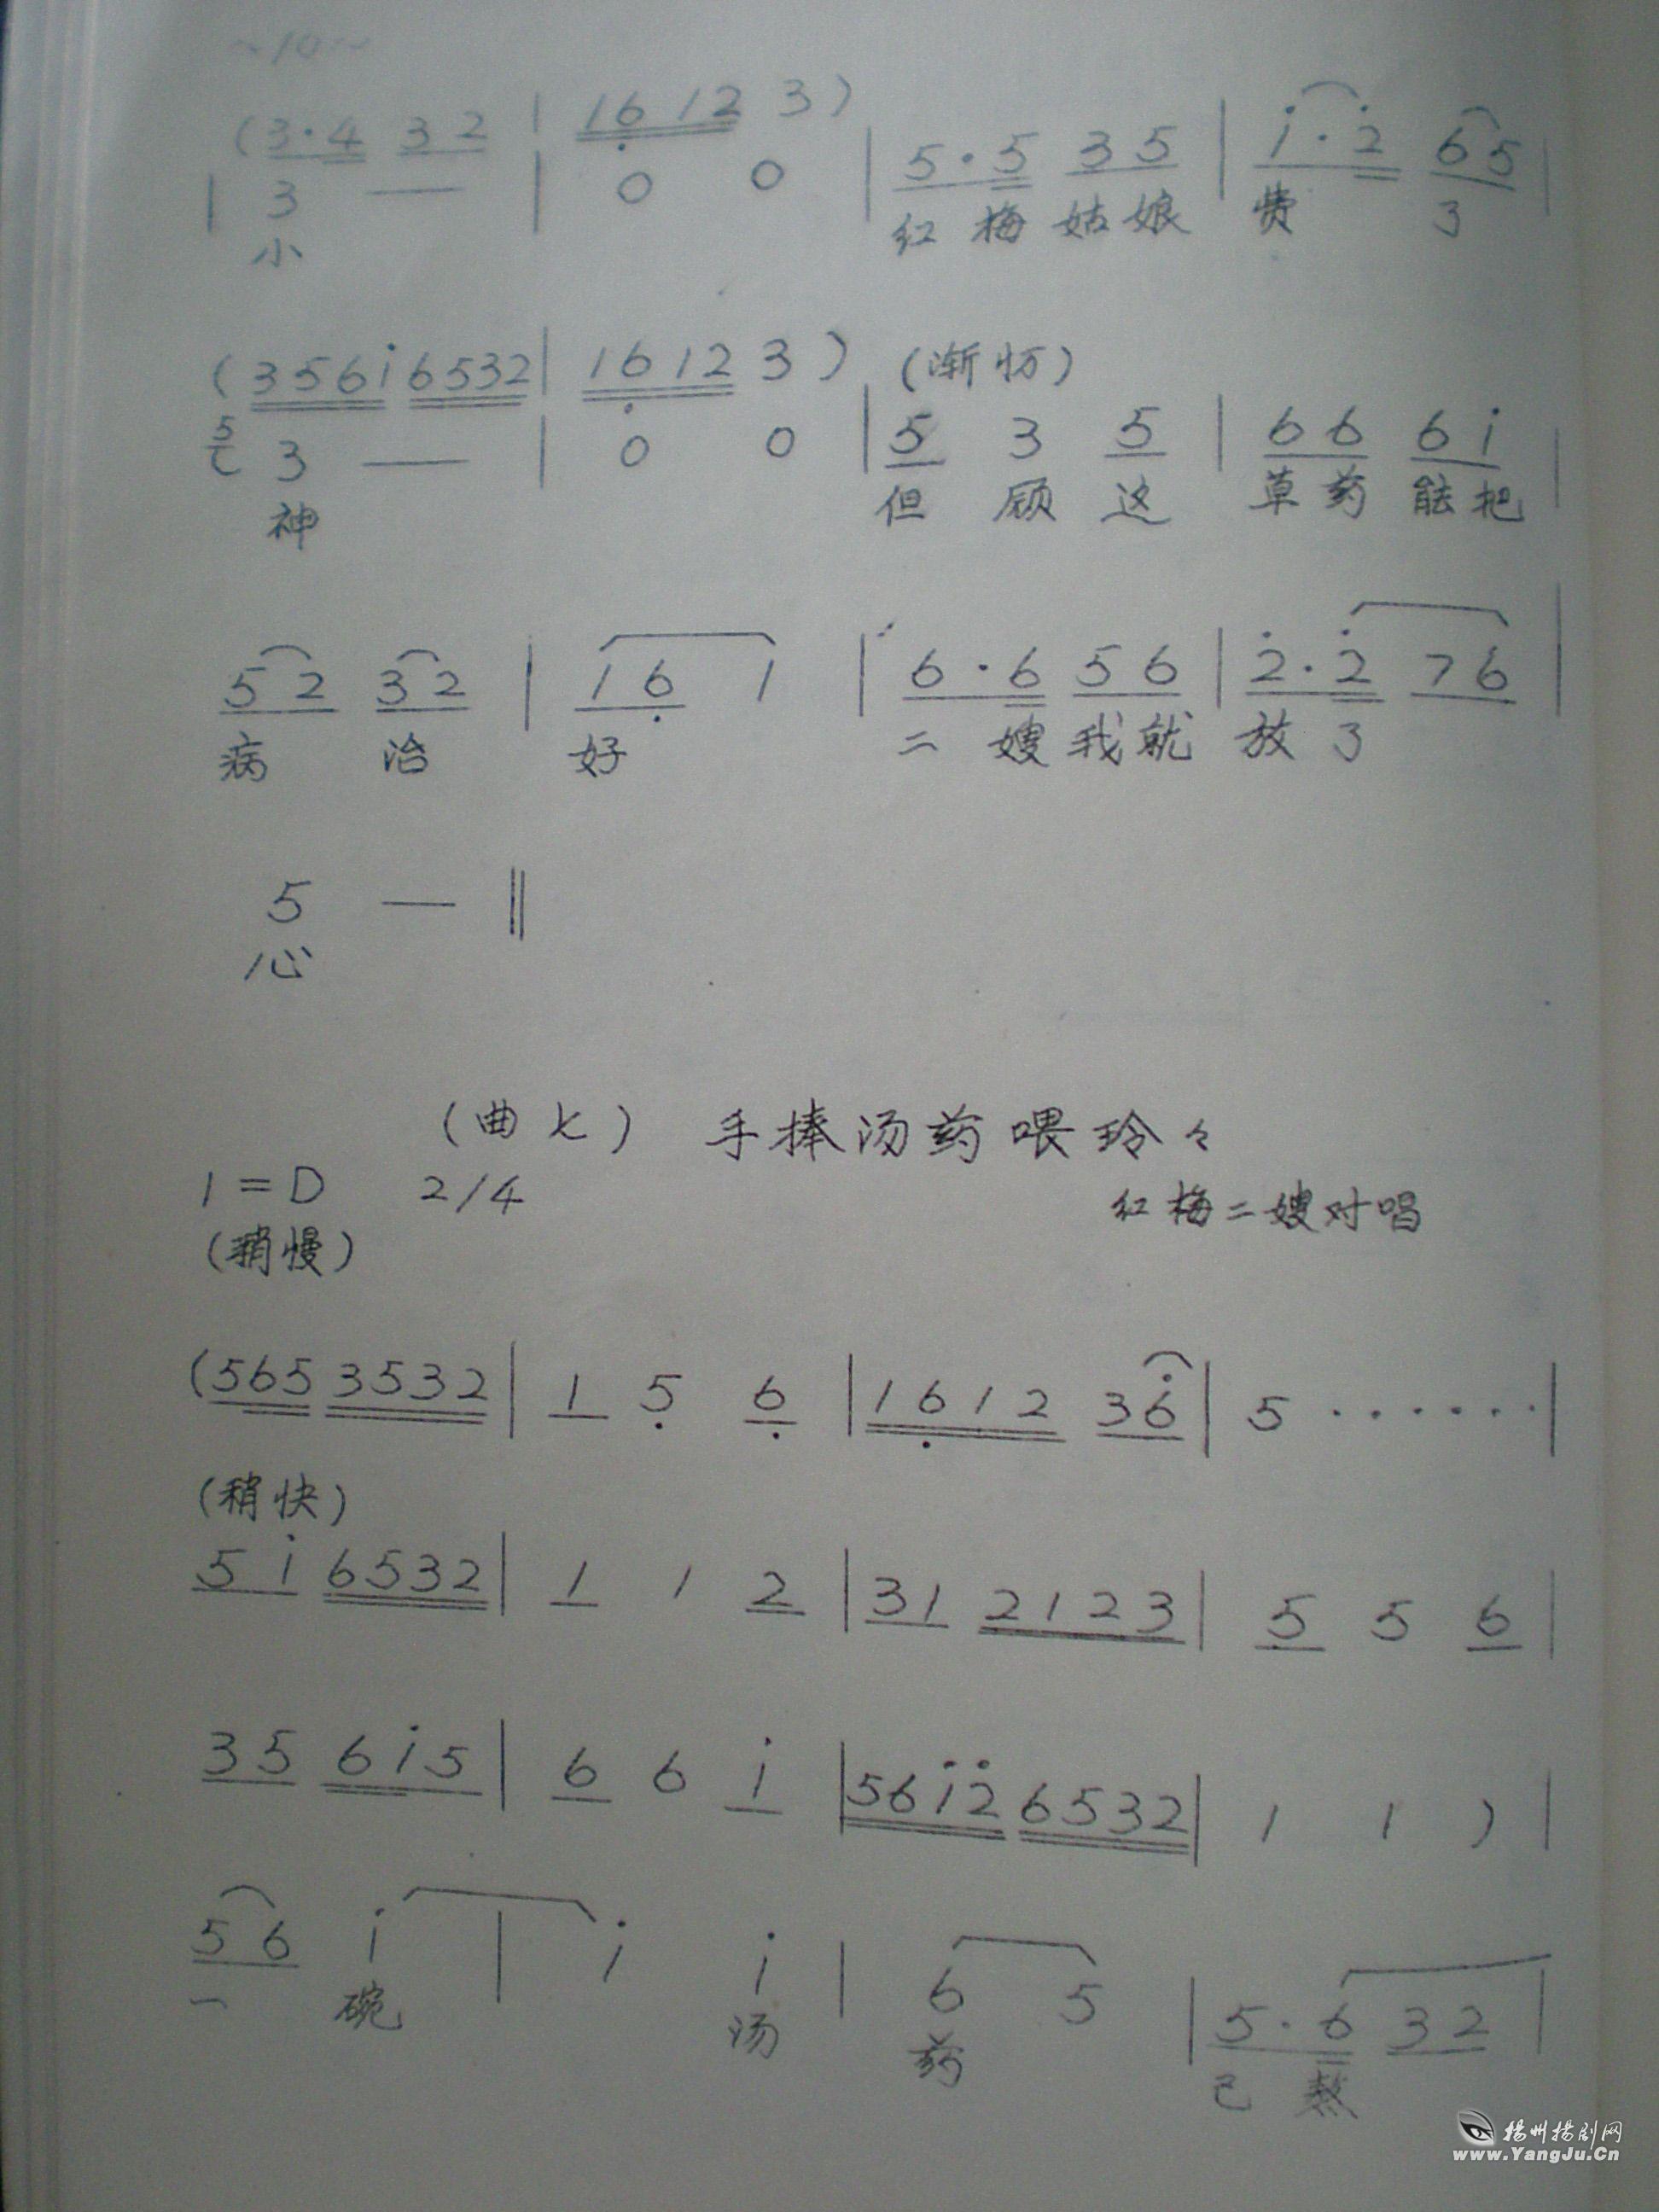 扬剧 青山红梅 曲谱